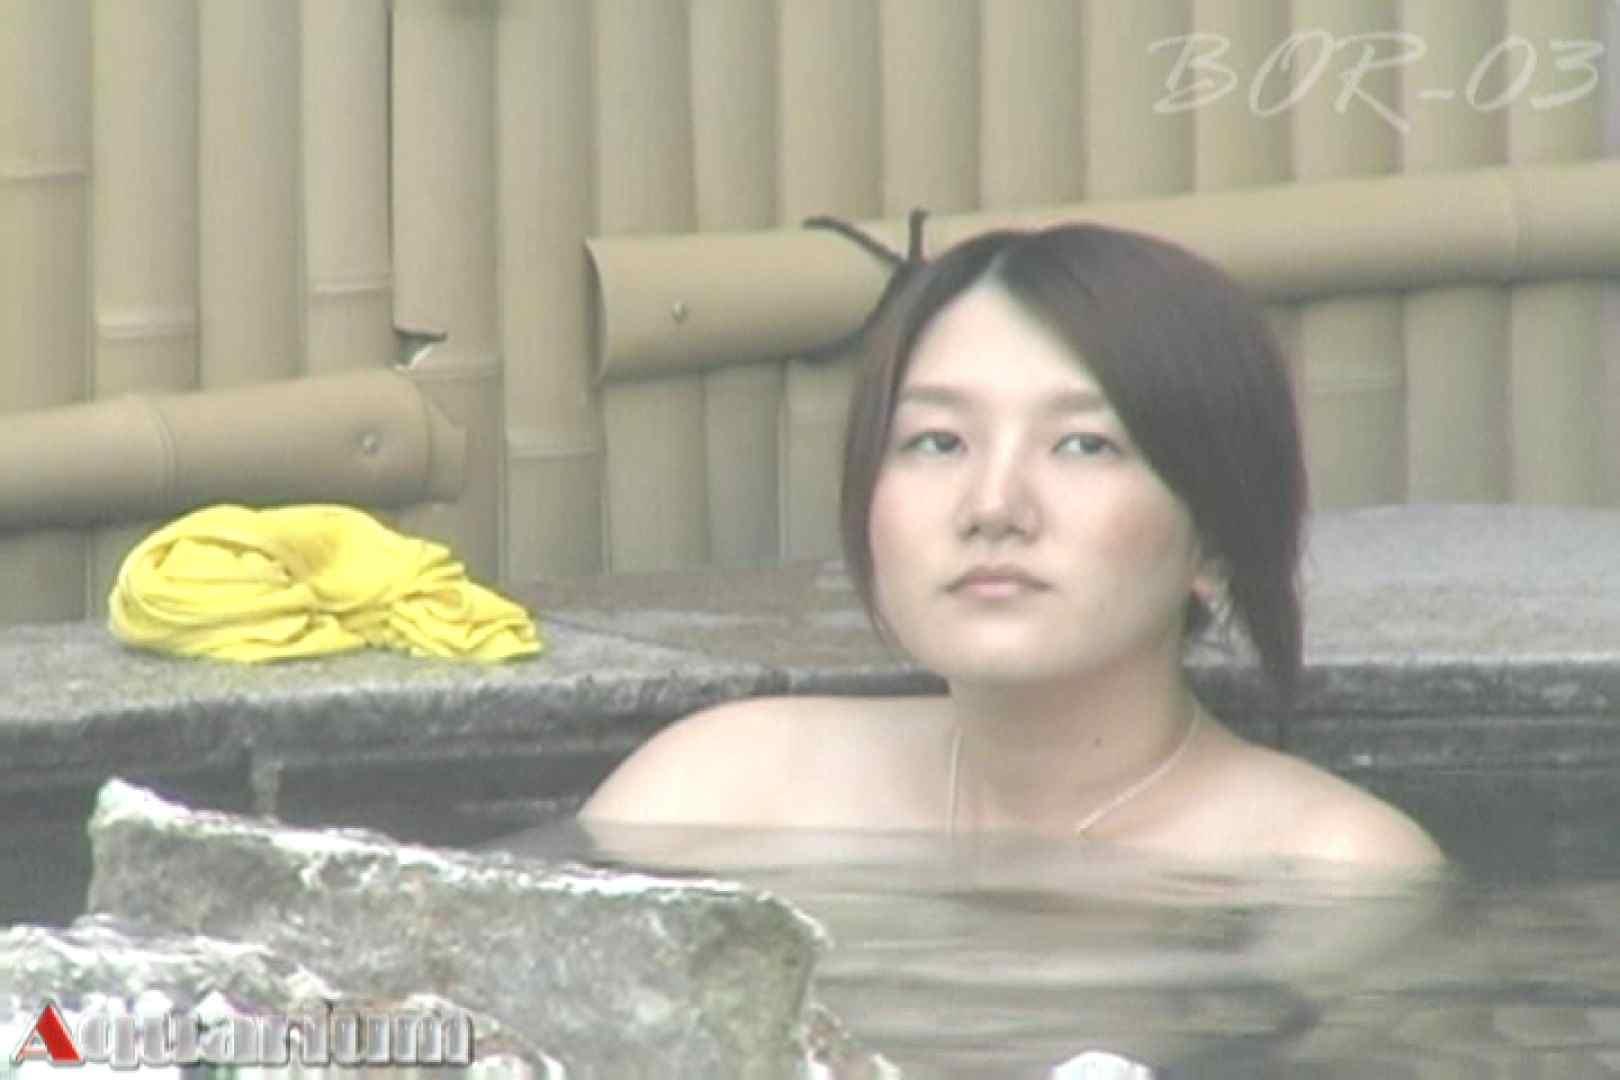 Aquaな露天風呂Vol.487 OLのエロ生活  95連発 39